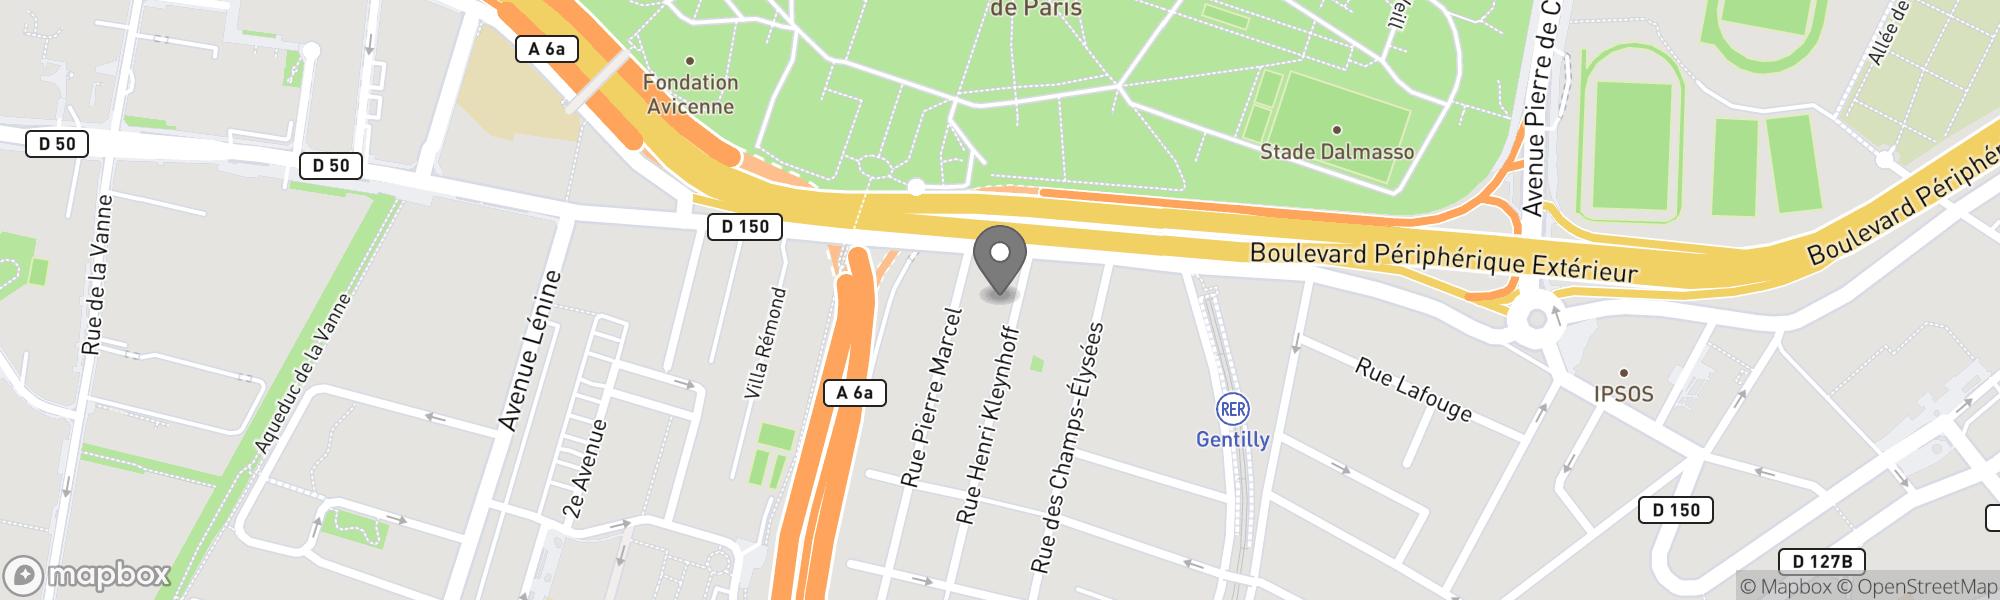 Map of Paris area